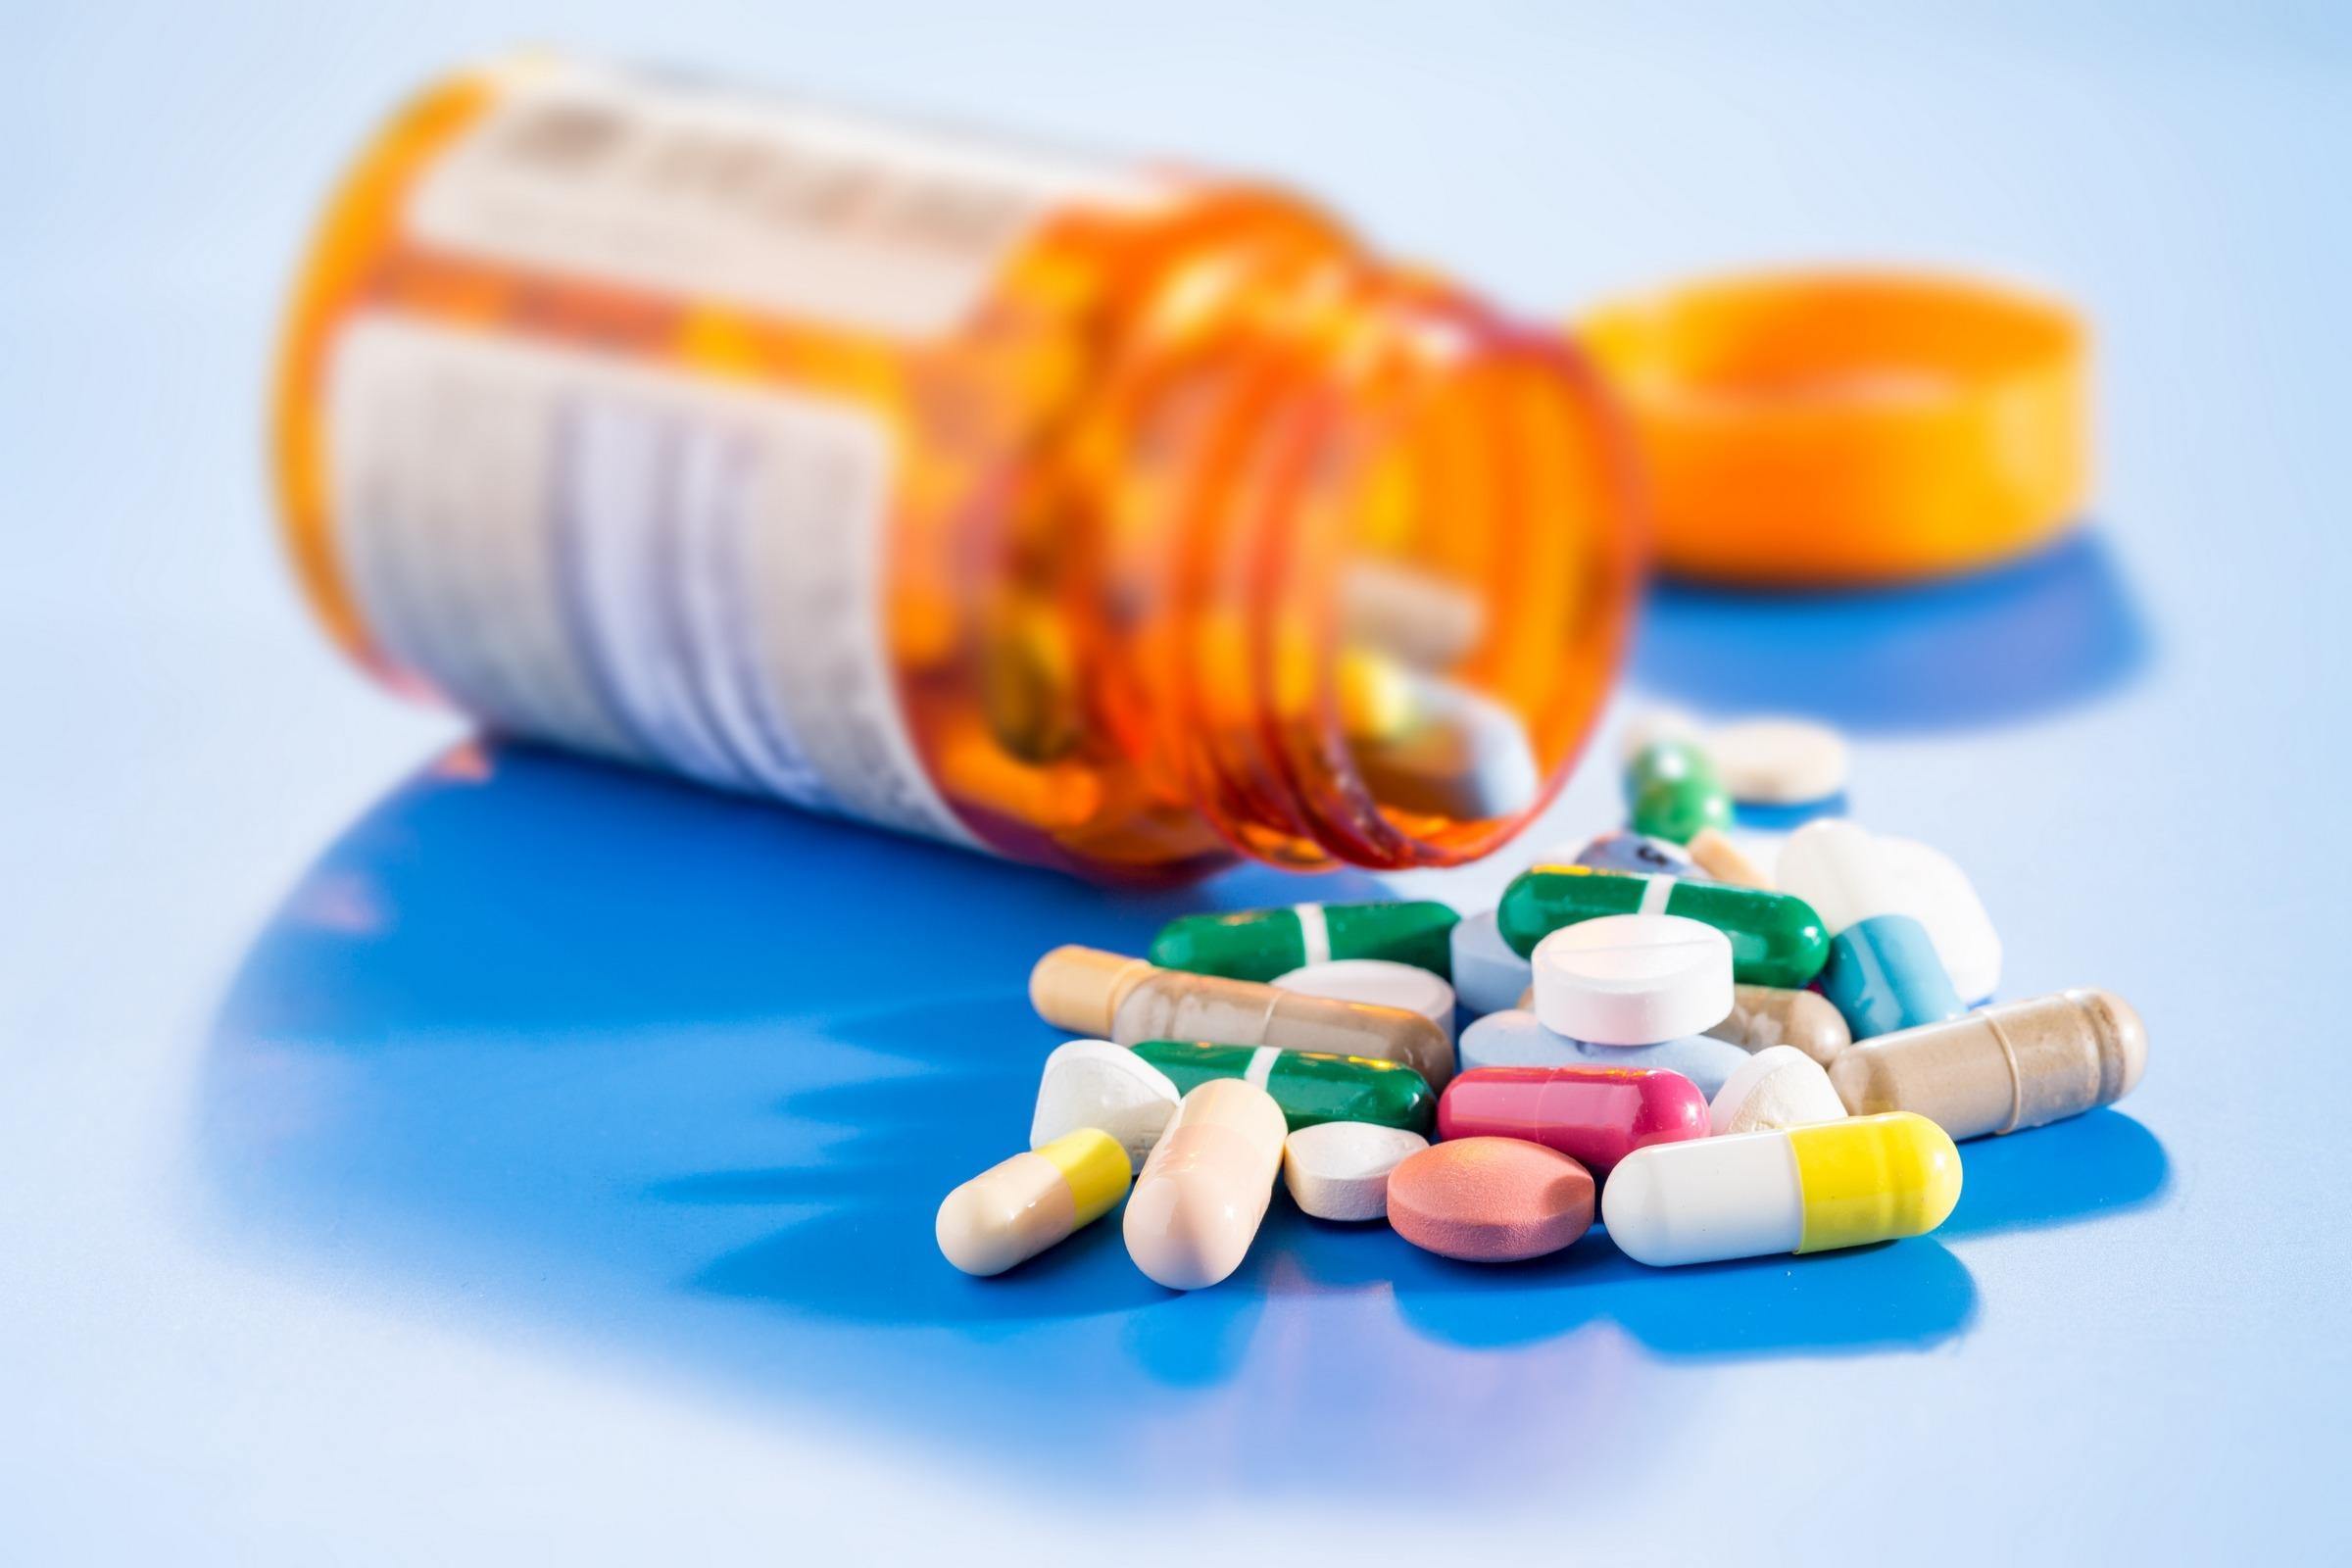 Bote de píldoras